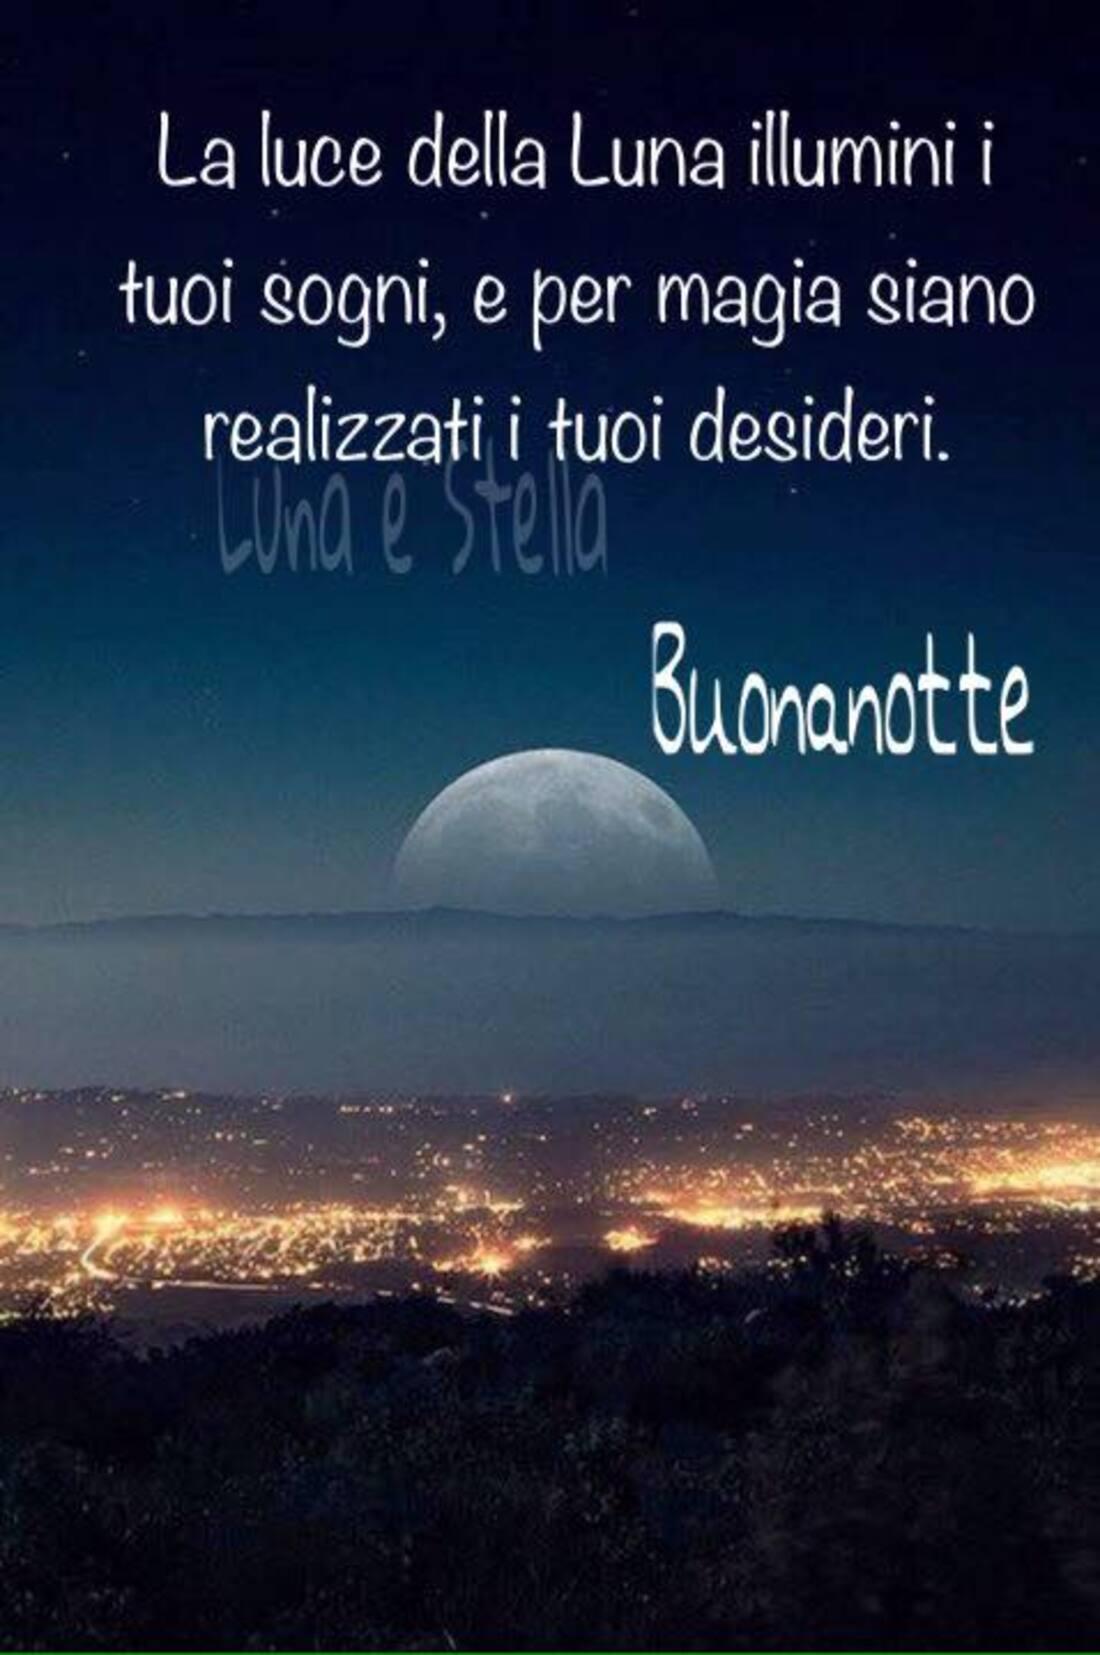 La luce della luna illumini i tuoi sogni e per magia siano realizzati i tuoi desideri